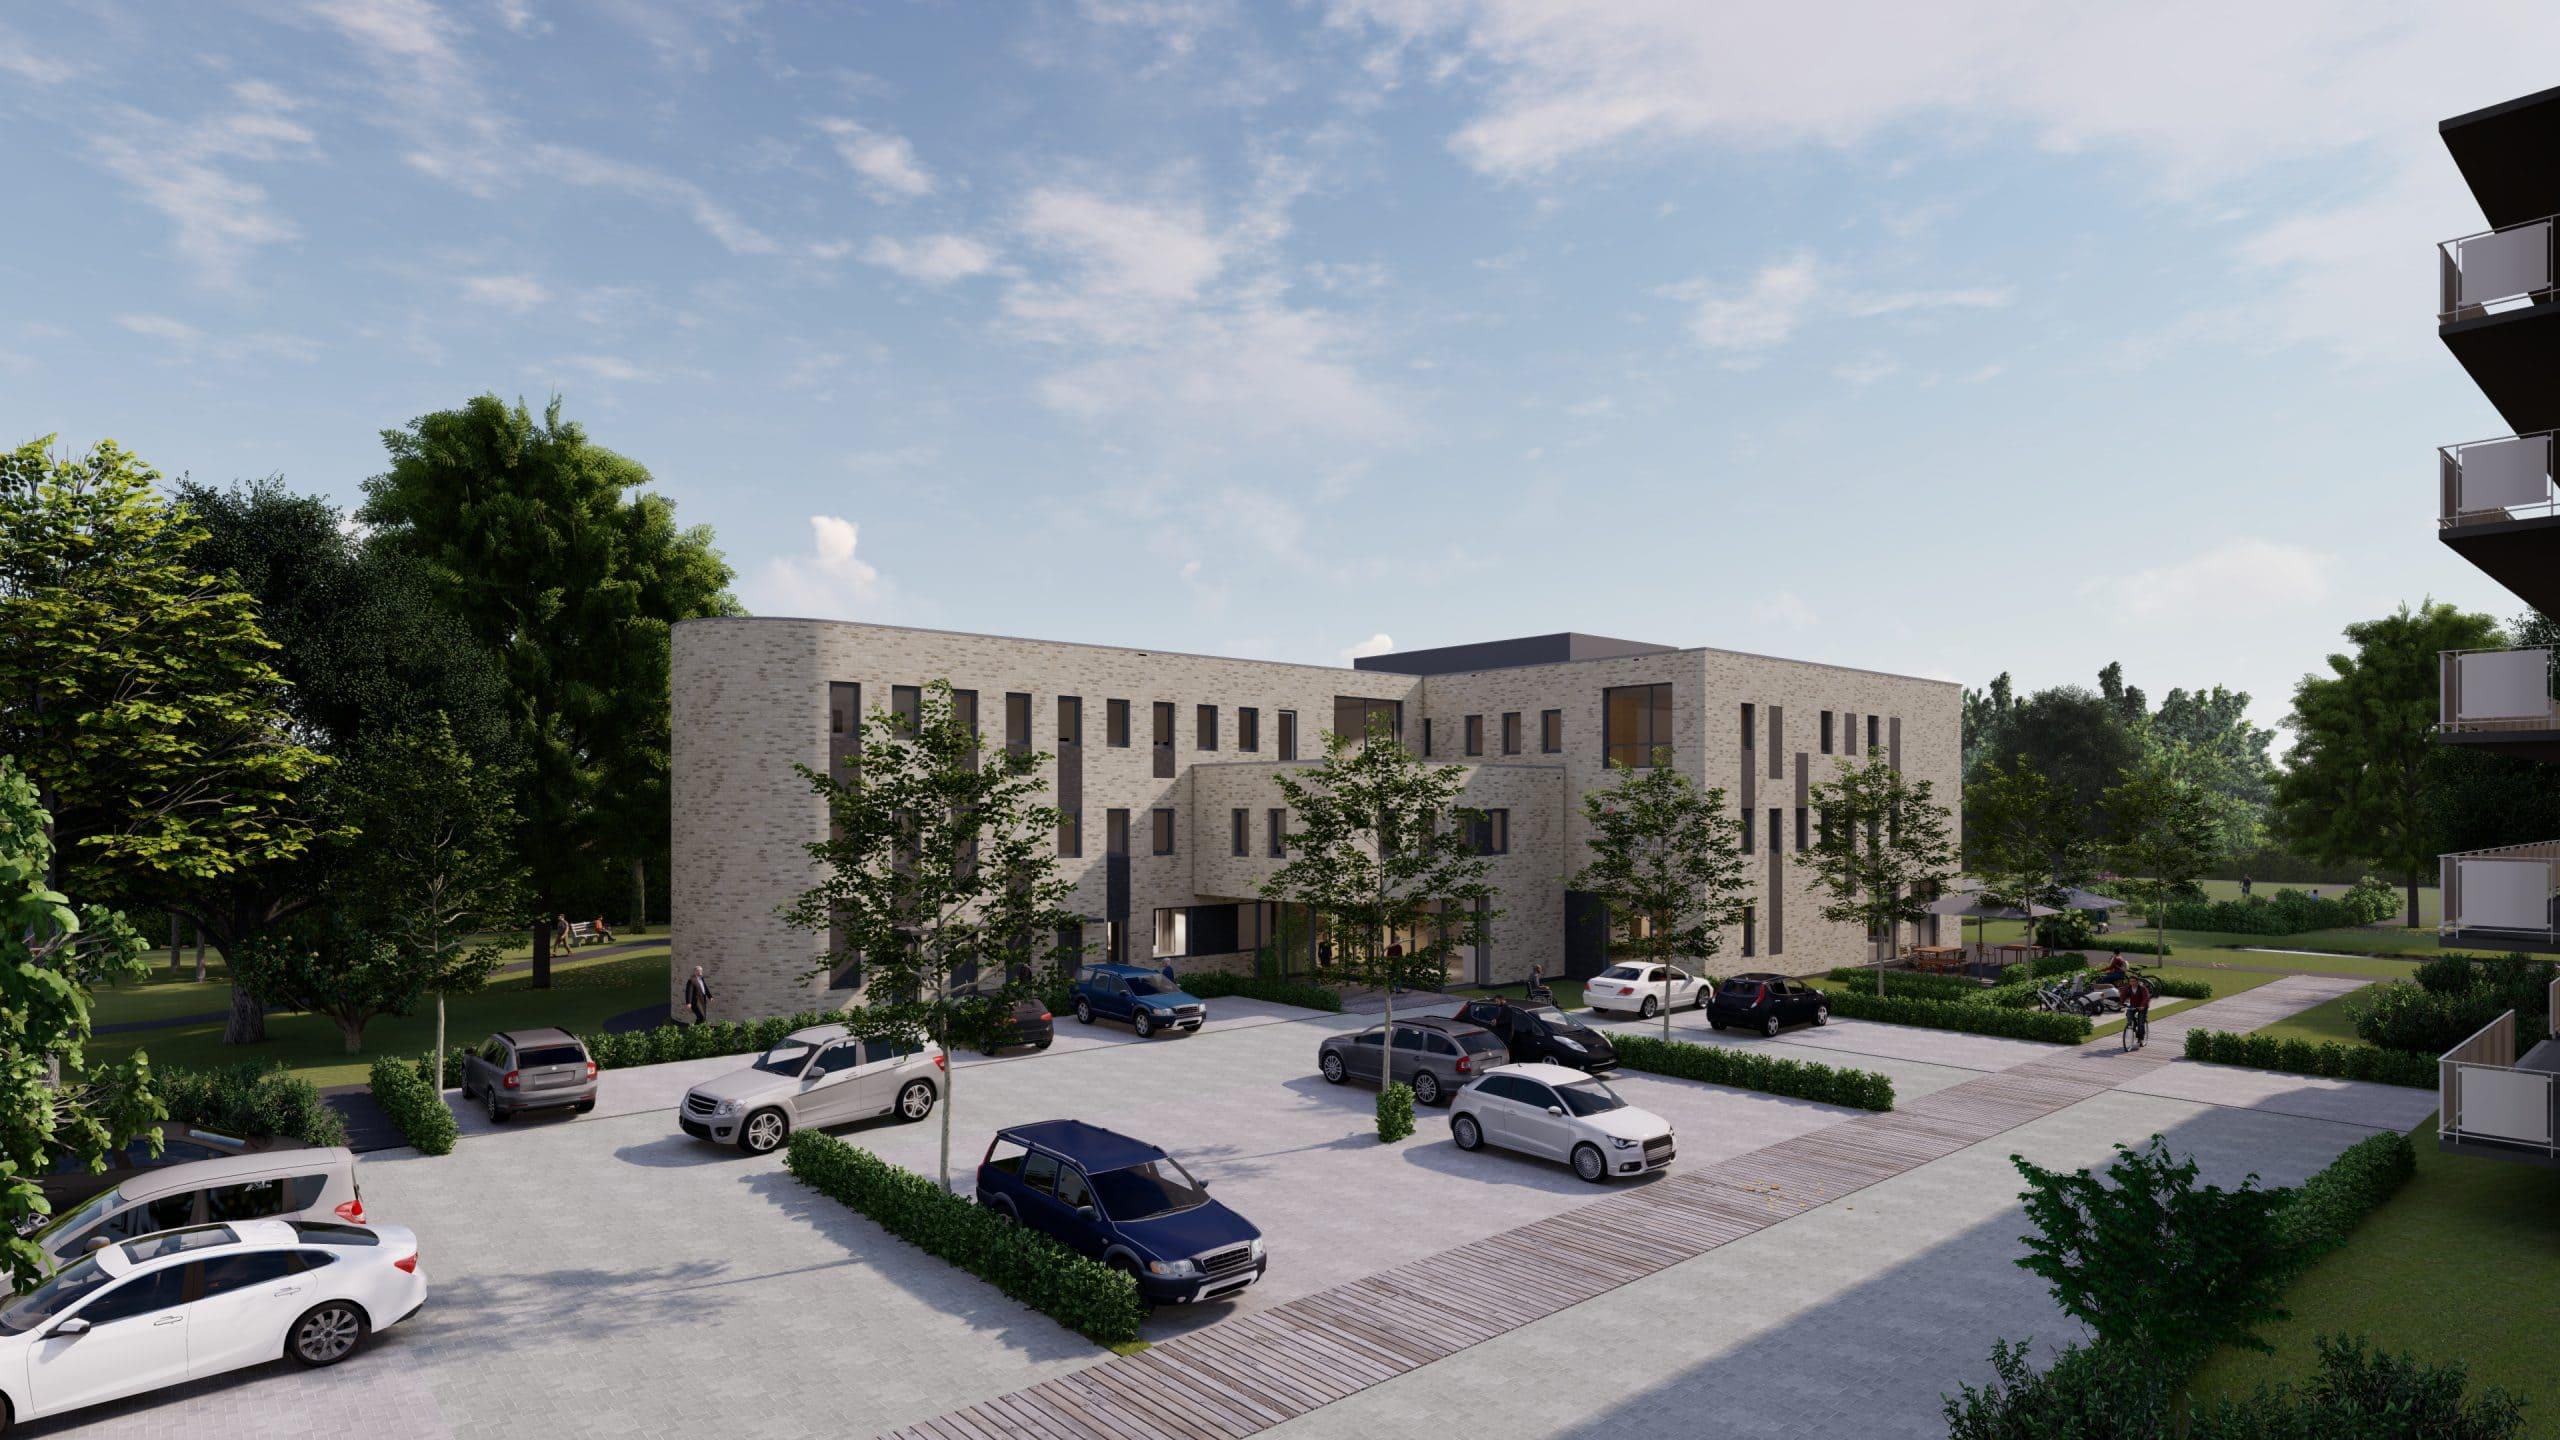 Gezondheidshuis Zuilenstein Nieuwegein